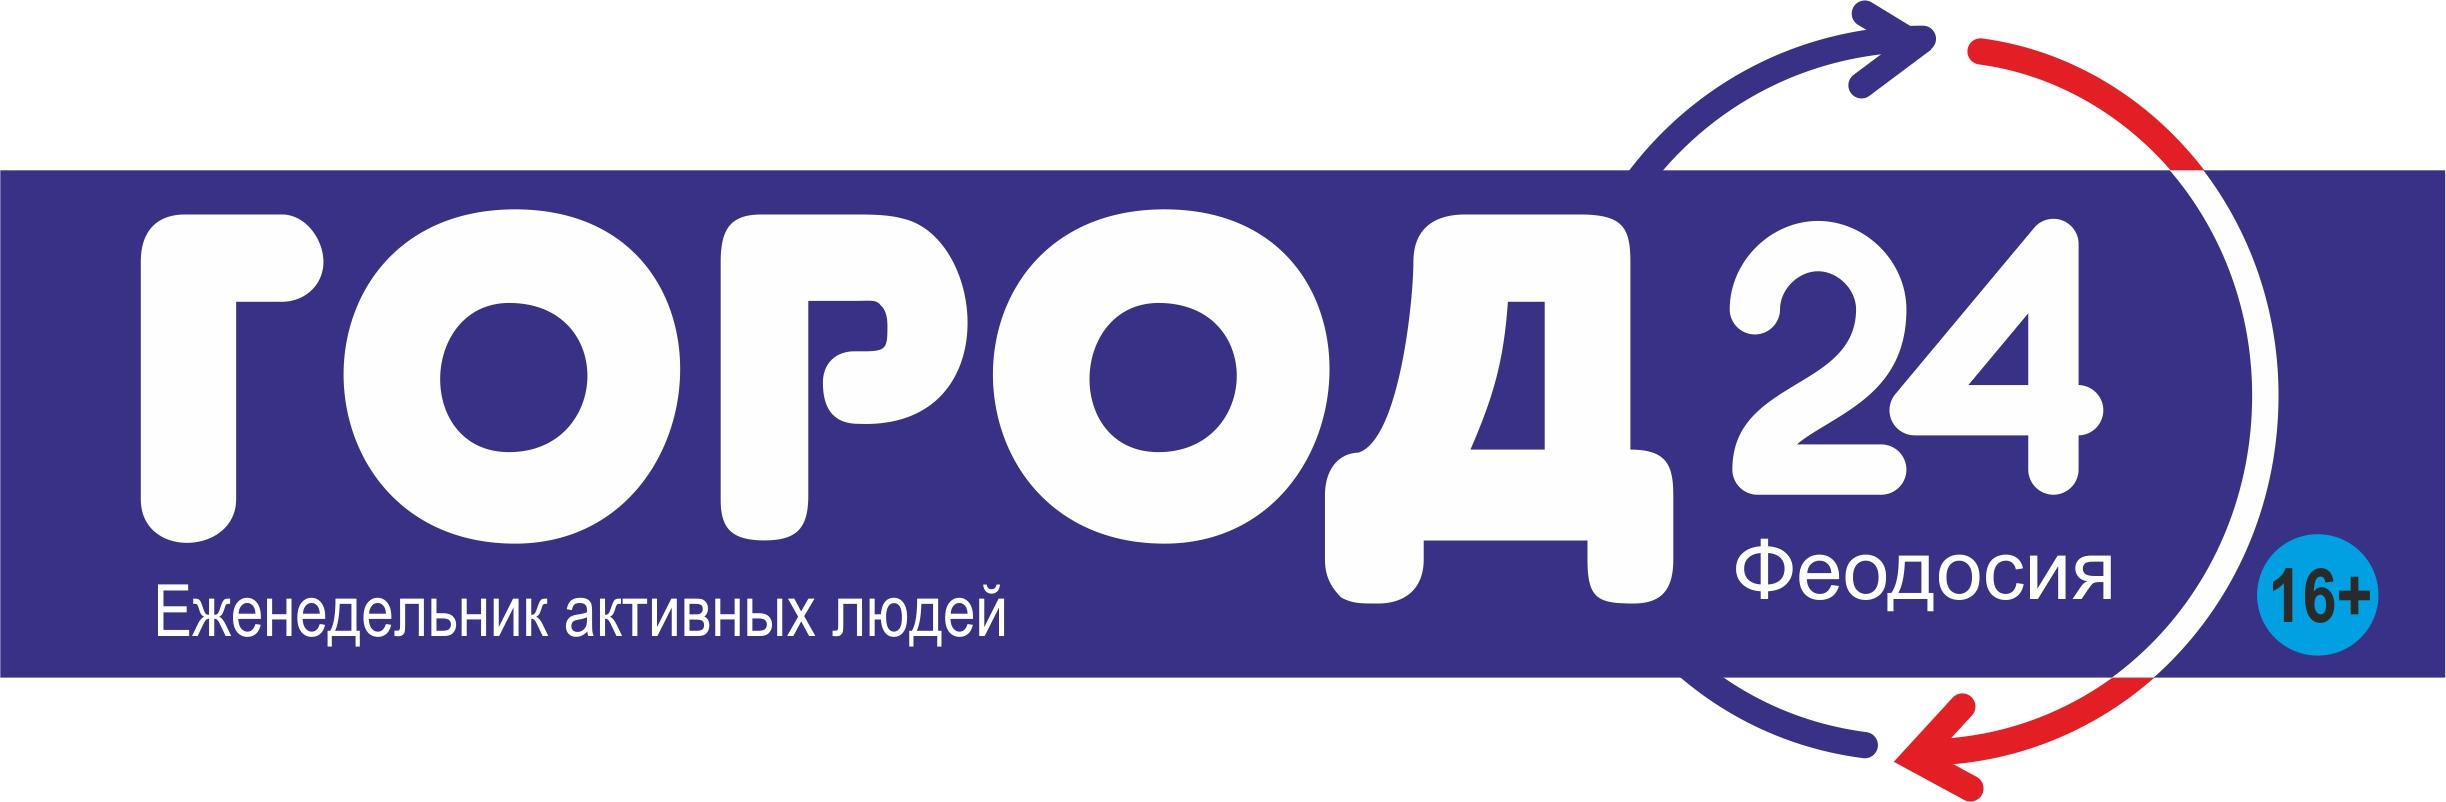 Город 24, газета логотип